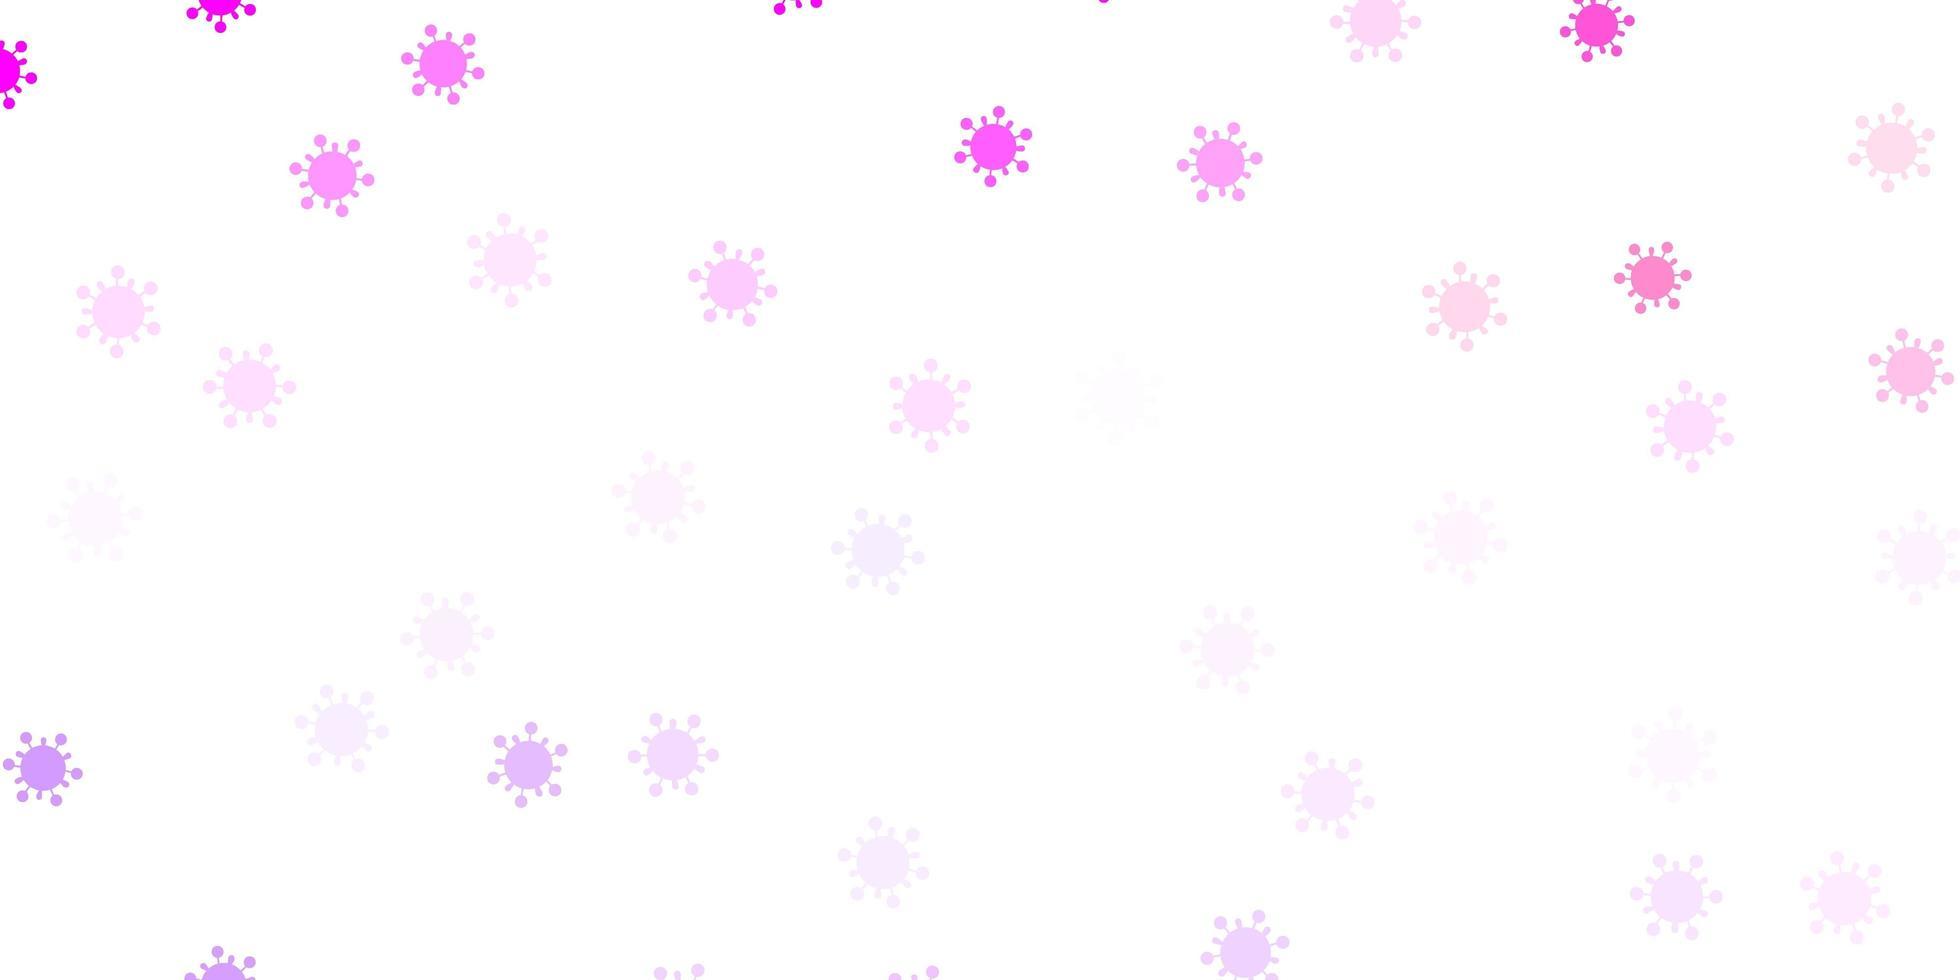 Telón de fondo de vector violeta claro, rosa con símbolos de virus